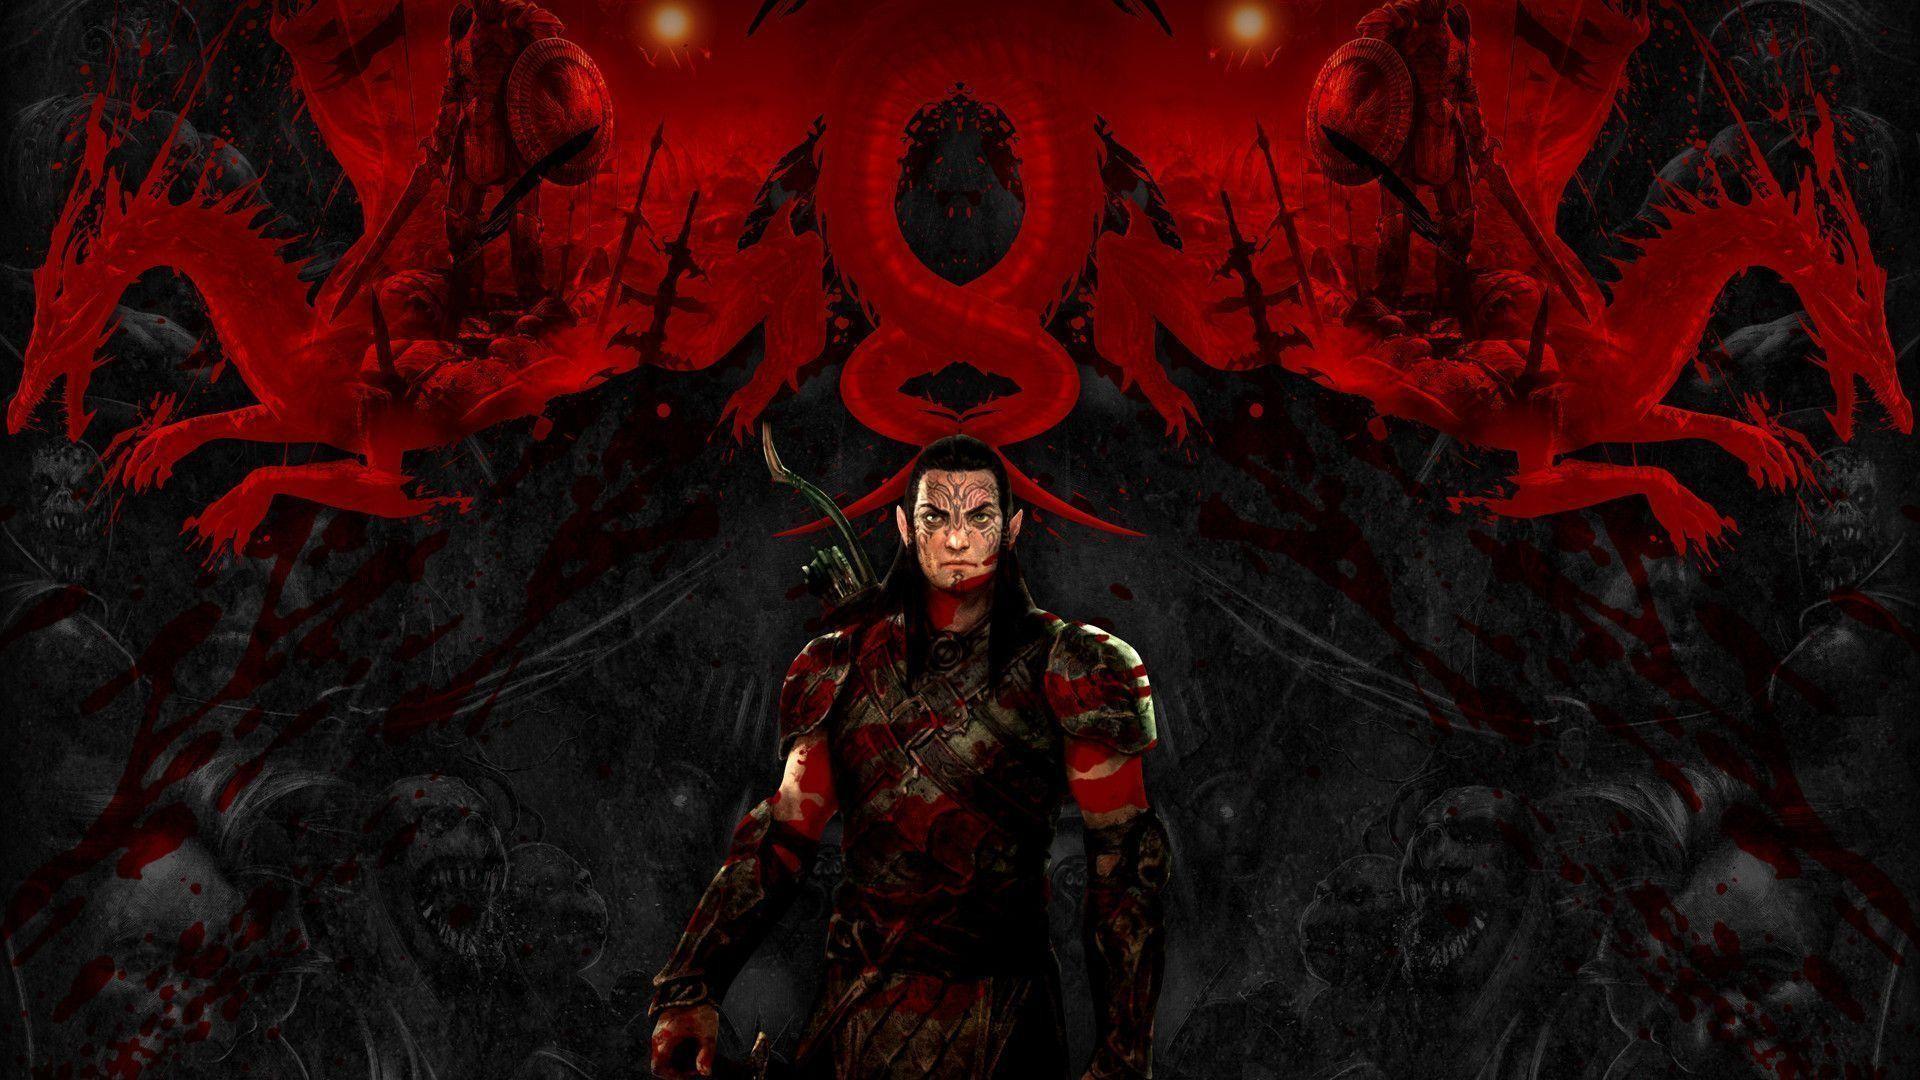 Dragon Age wallpaper – 25357